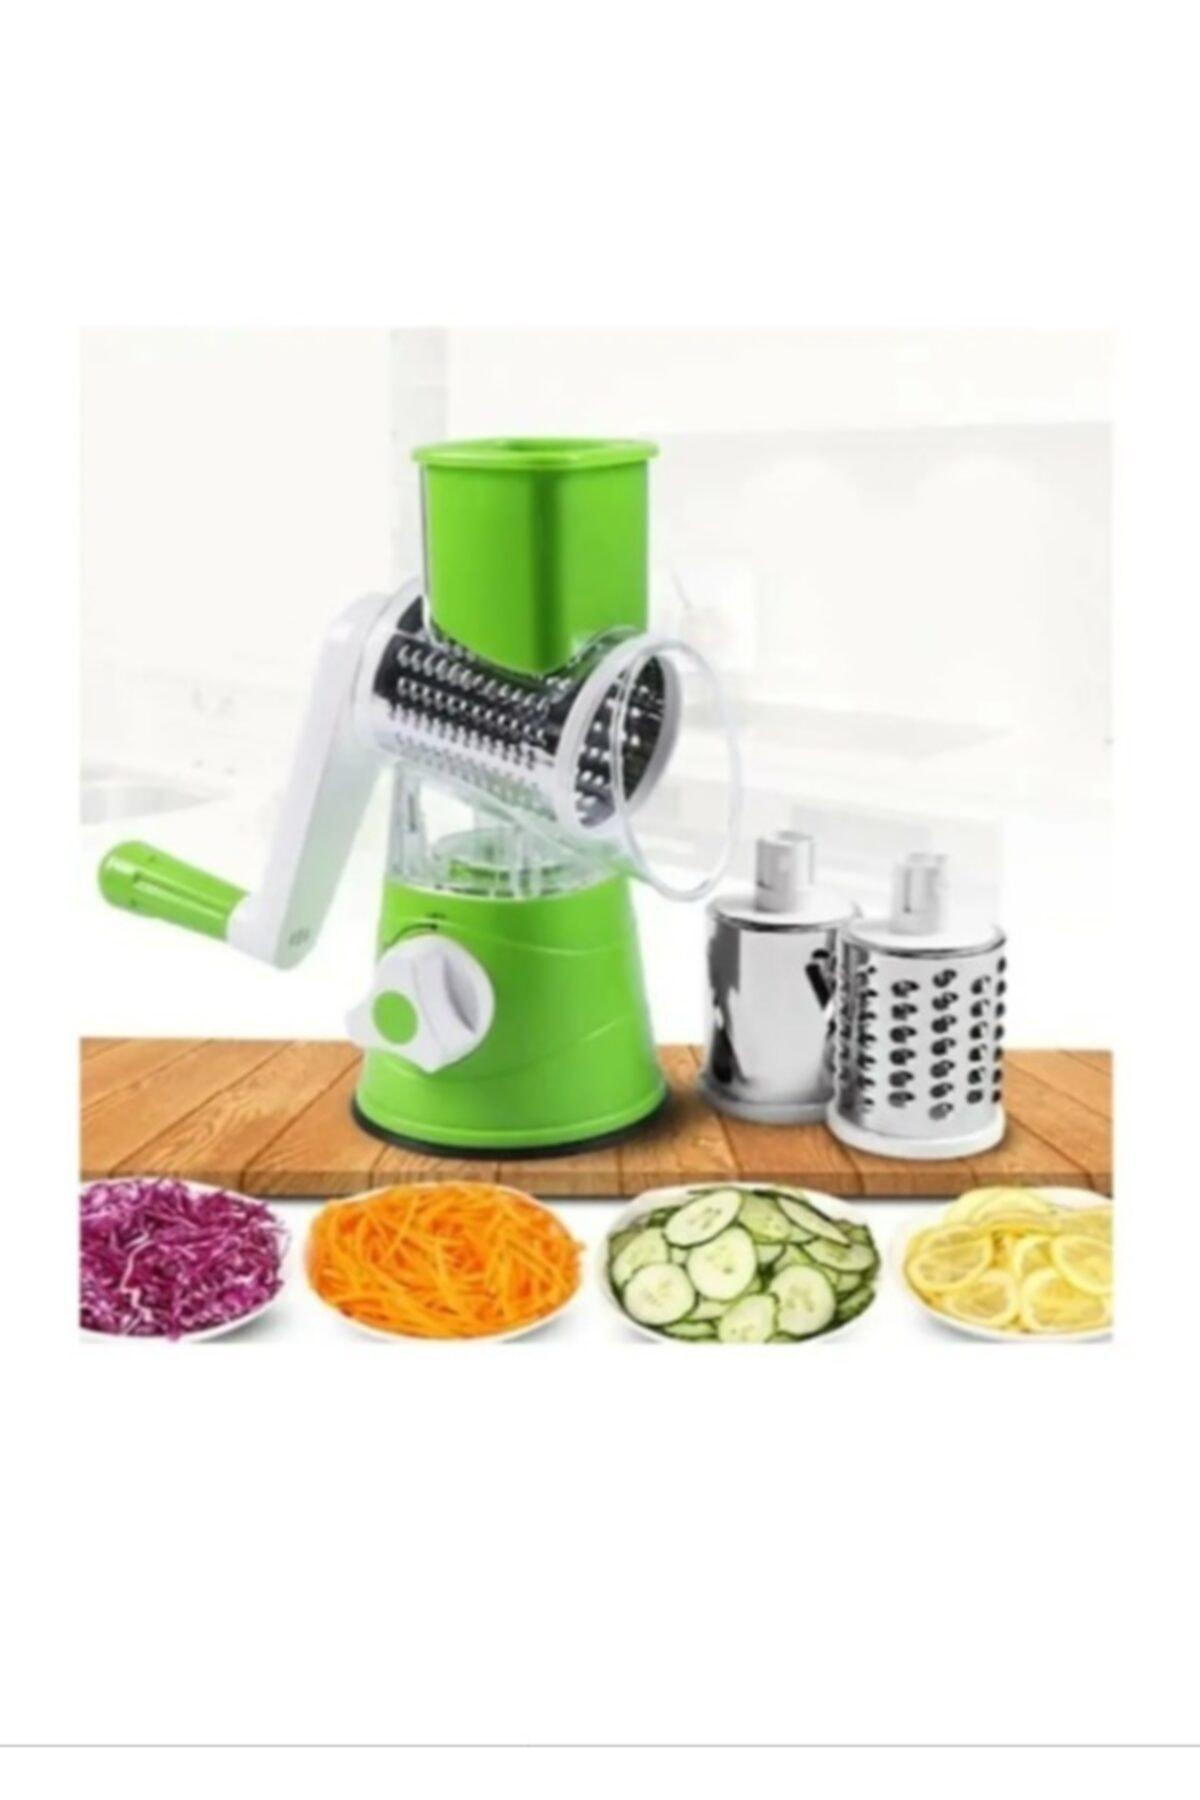 AYAZ TAKI Çevirme Kollu Sebze Doğrayıcı Rende Vegetable Slicer Sebze Dilimleyici 1